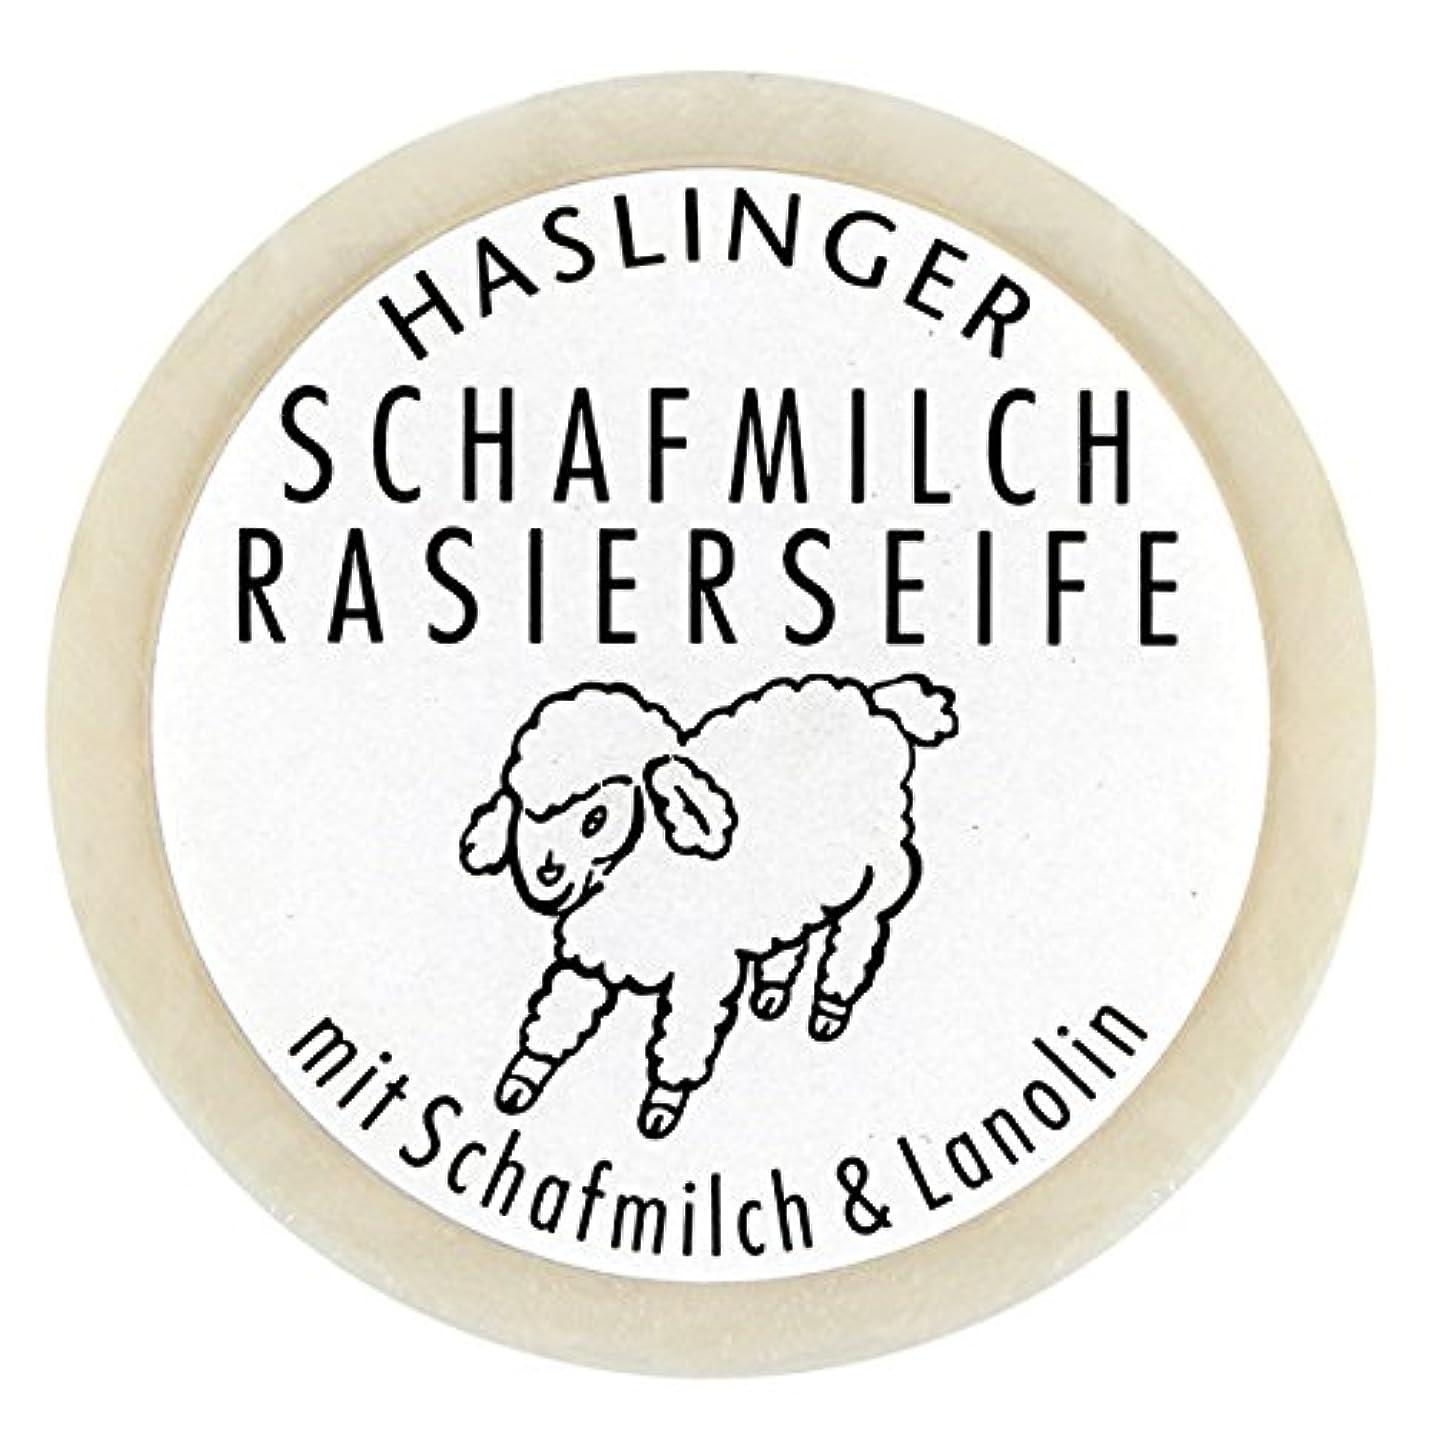 創傷パトワとは異なりSchafmilch Rasierseife (Ewe`s Milk Shave Soap) 60g soap bar by Haslinger by Haslinger